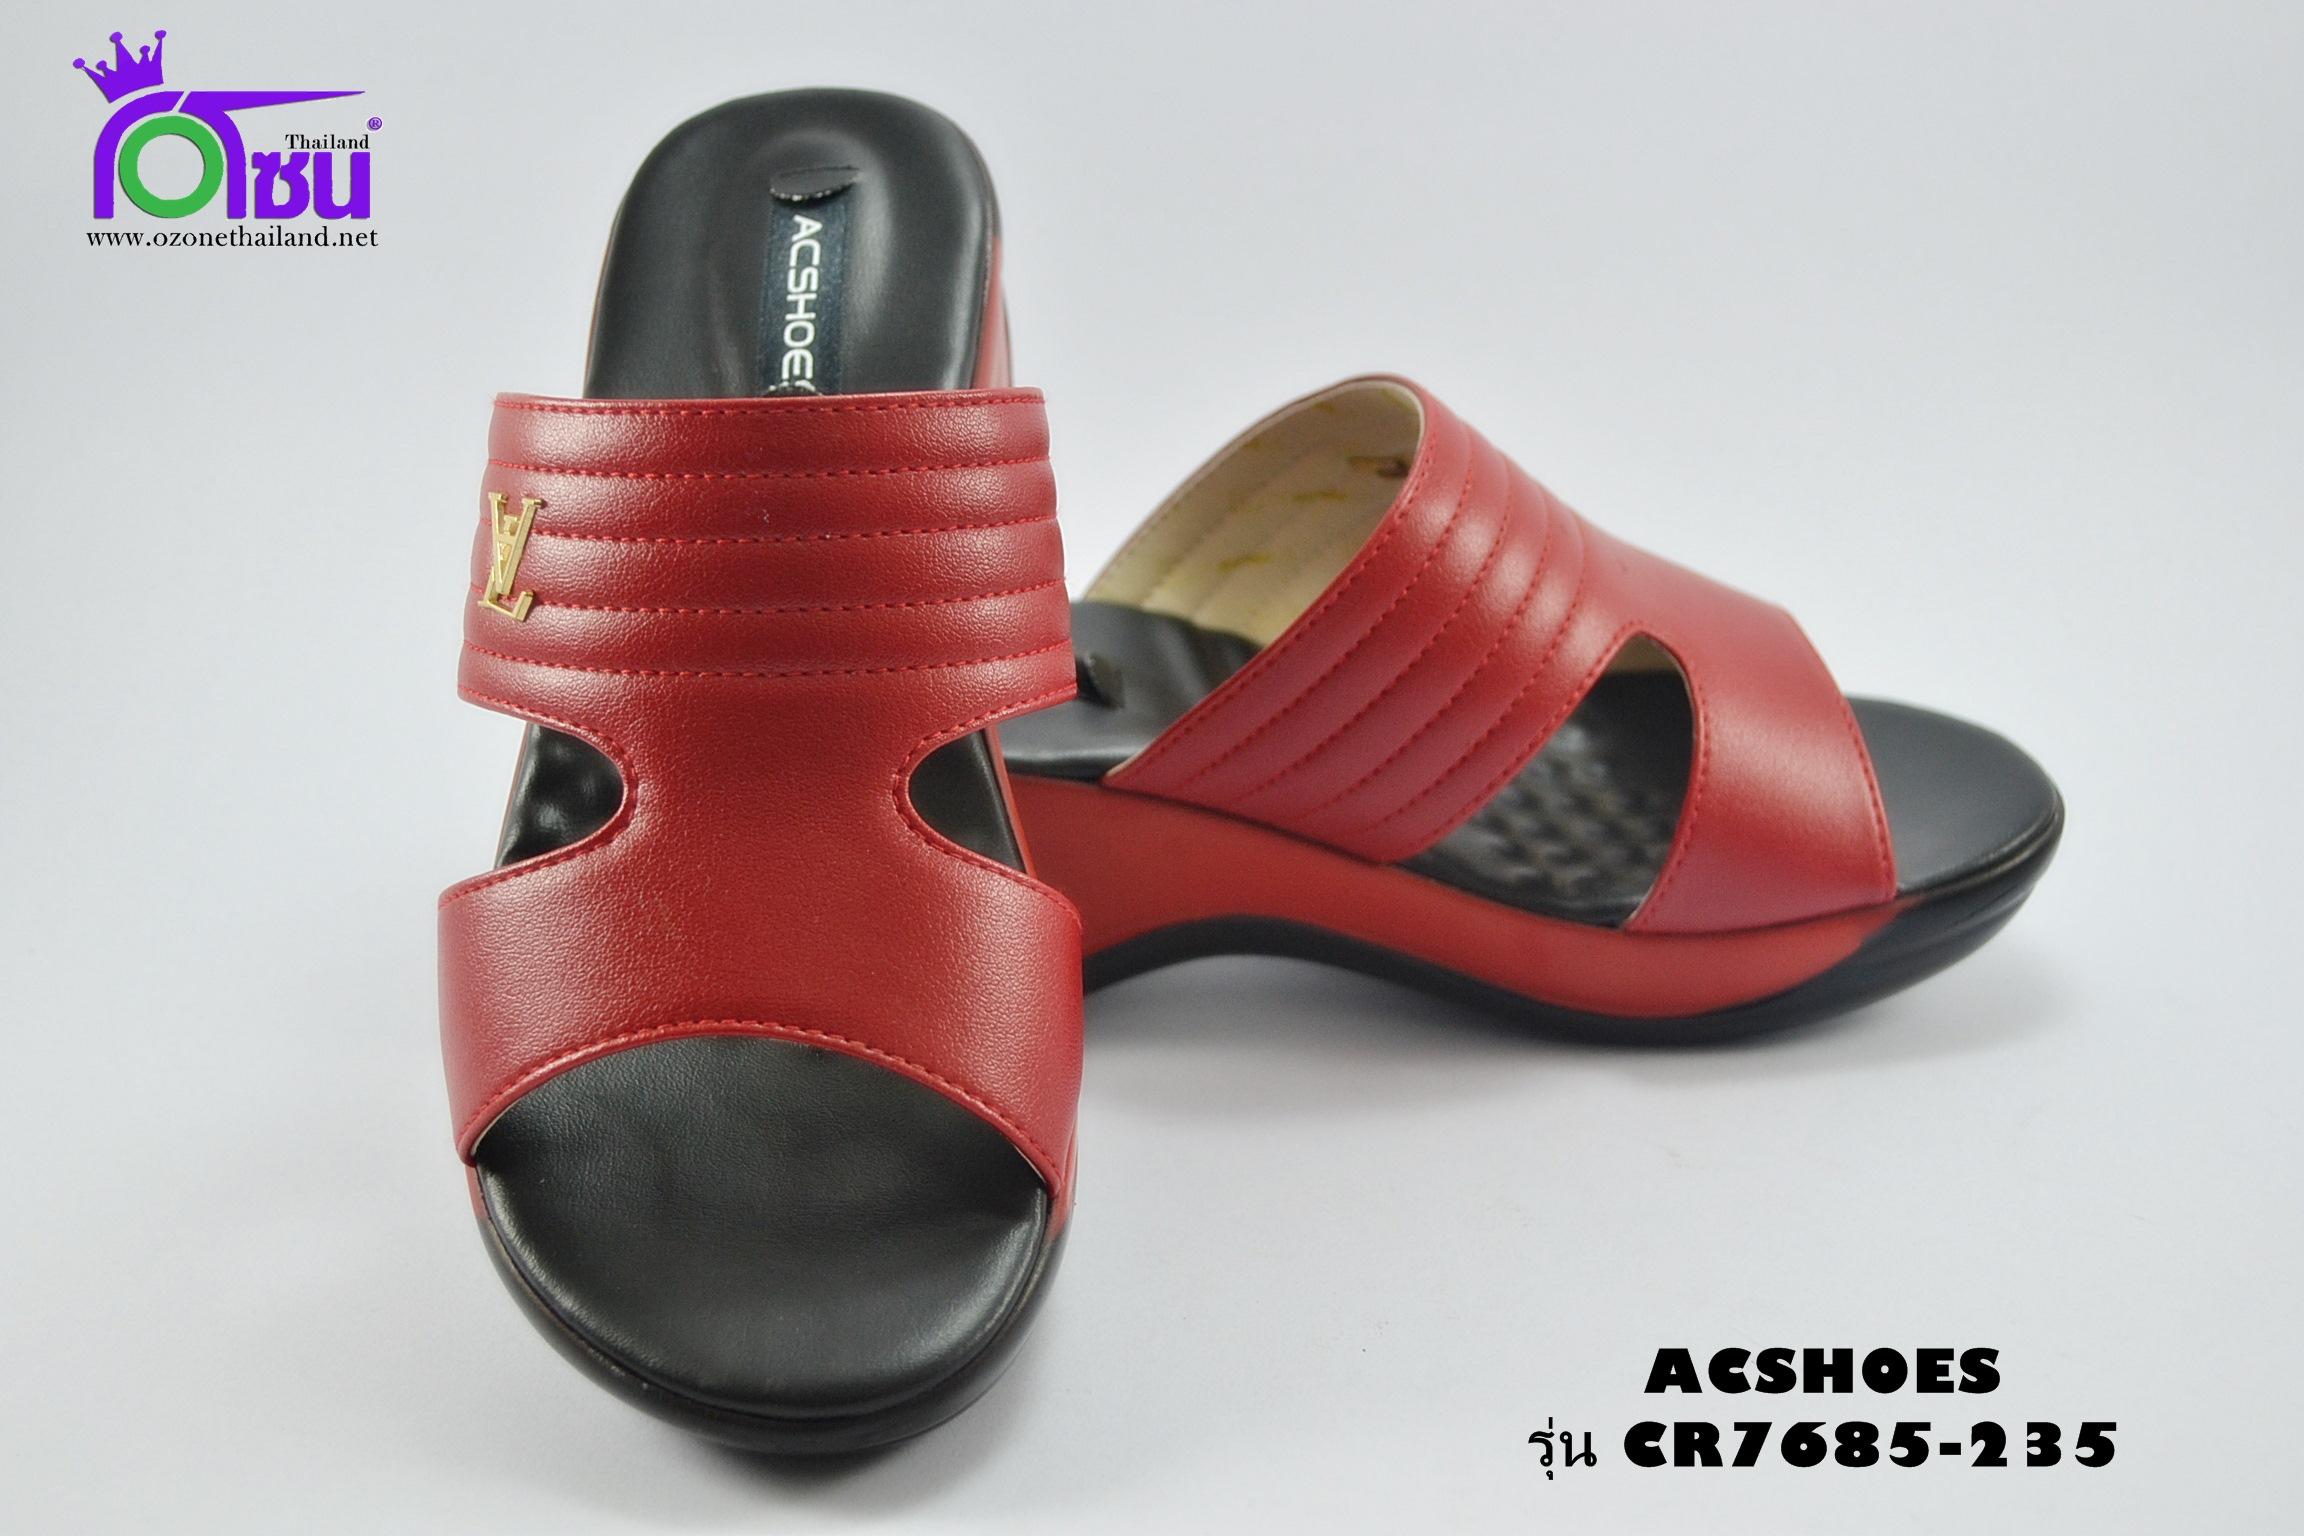 รองเท้าแฟชั่น (PU)หญิง รุ่น CR7685-235 เบอร์ 36-40 สีแดง